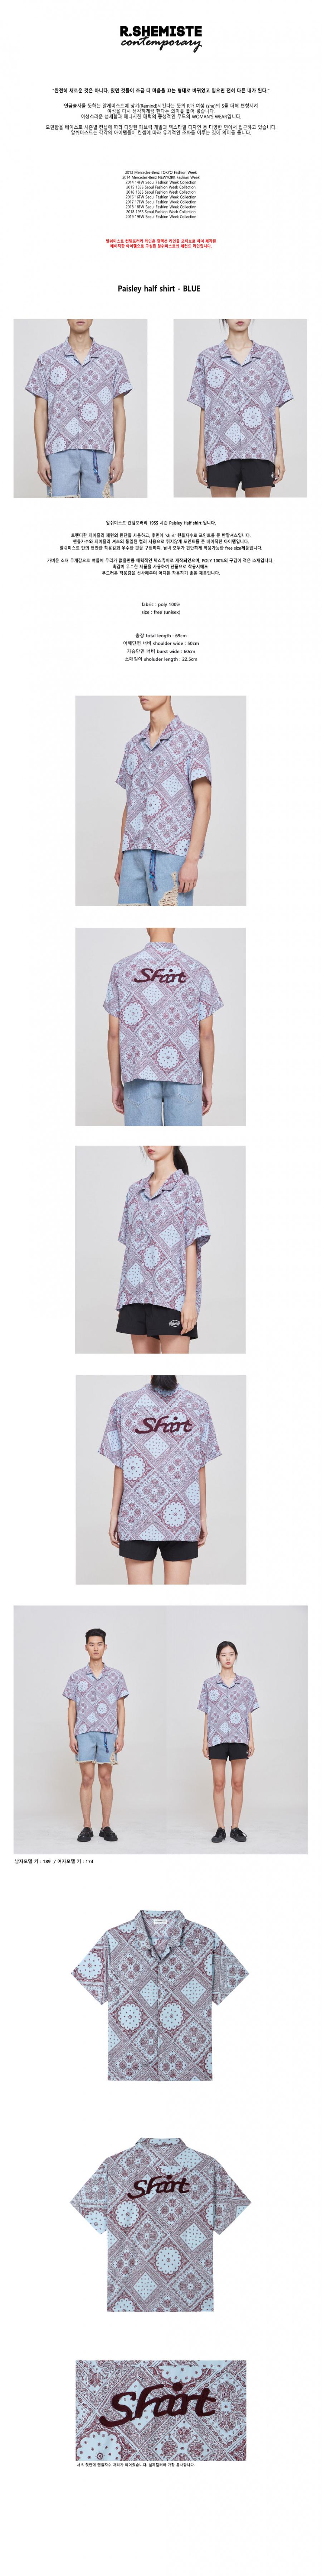 알쉬미스트(R.SHEMISTE) 페이즐리 하프 셔츠 - BL